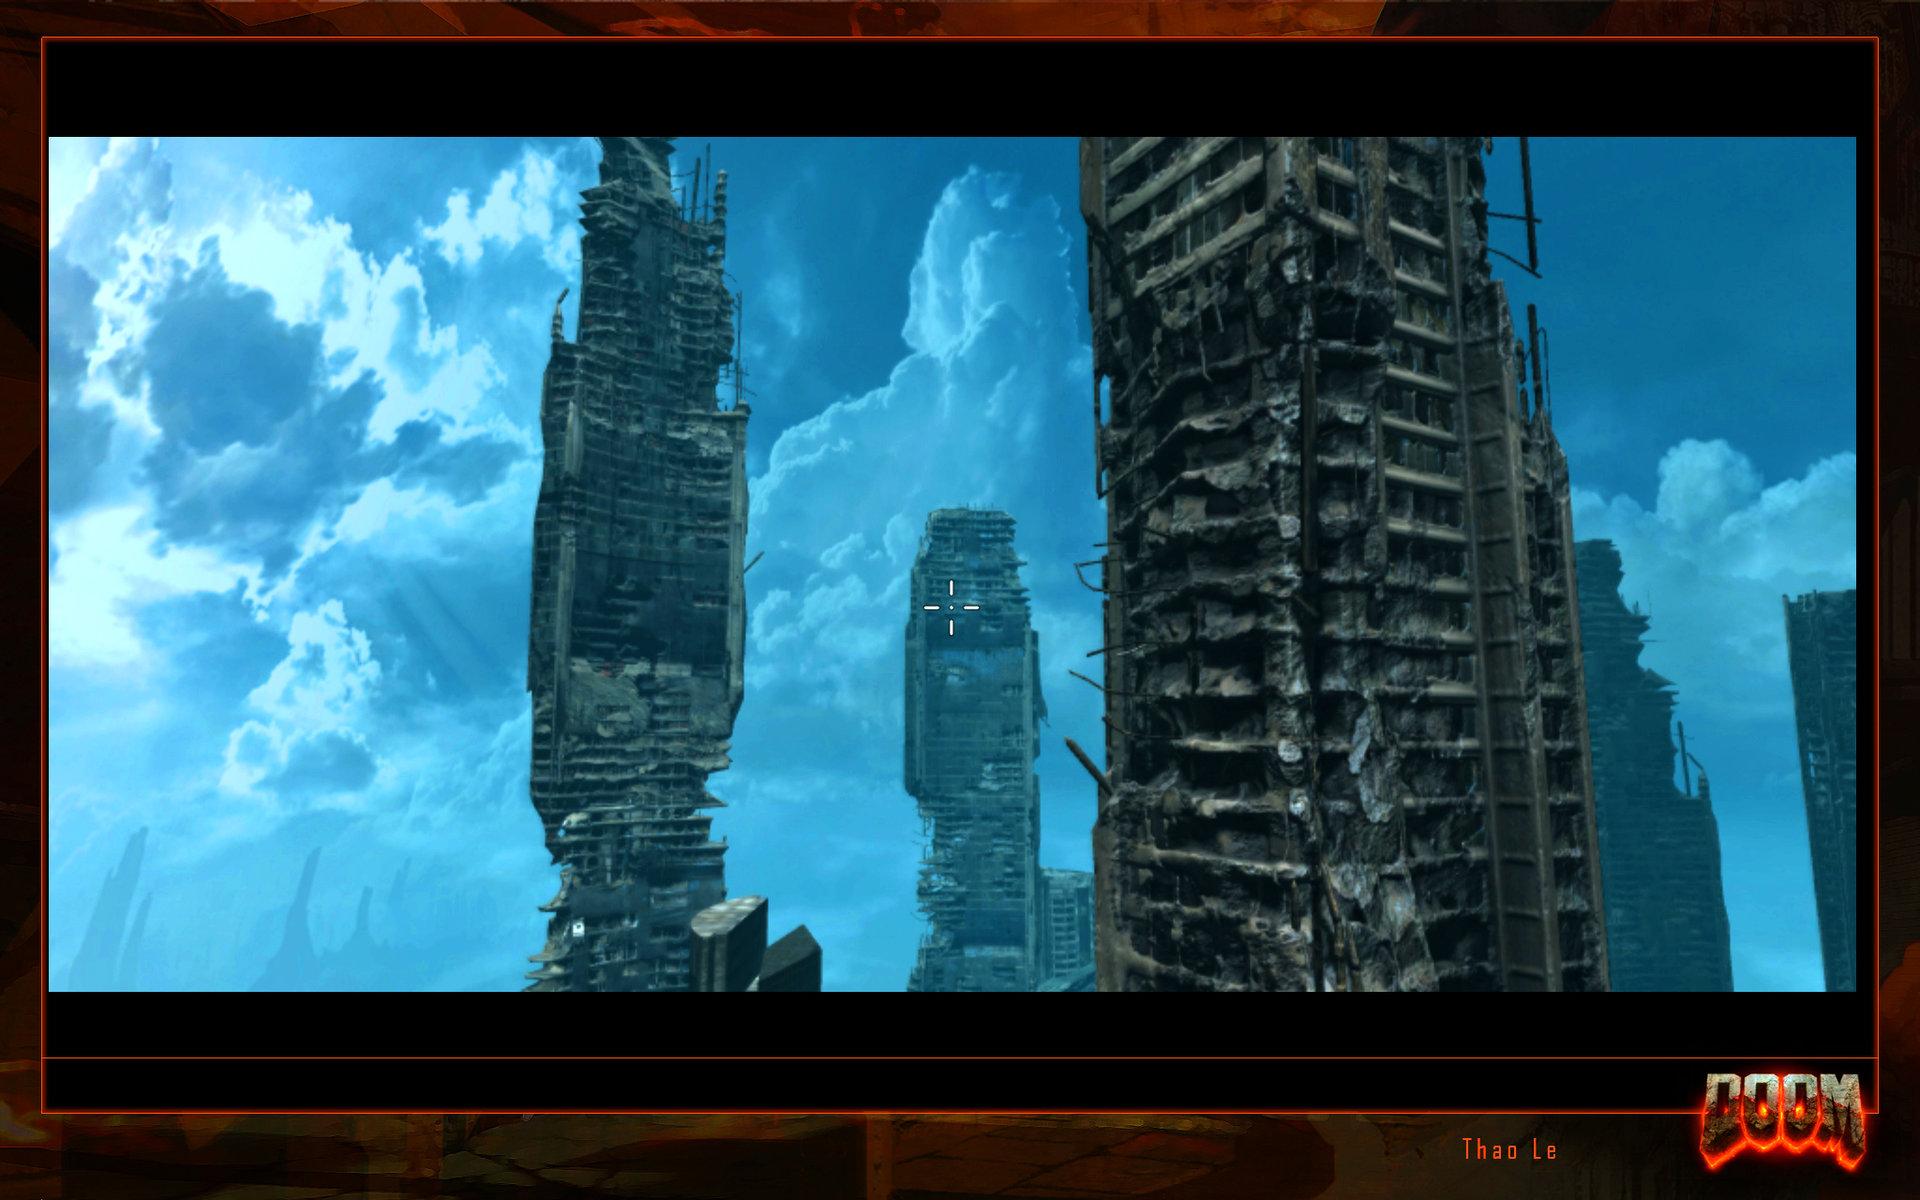 destroyed_Building_Bground3-1.jpg